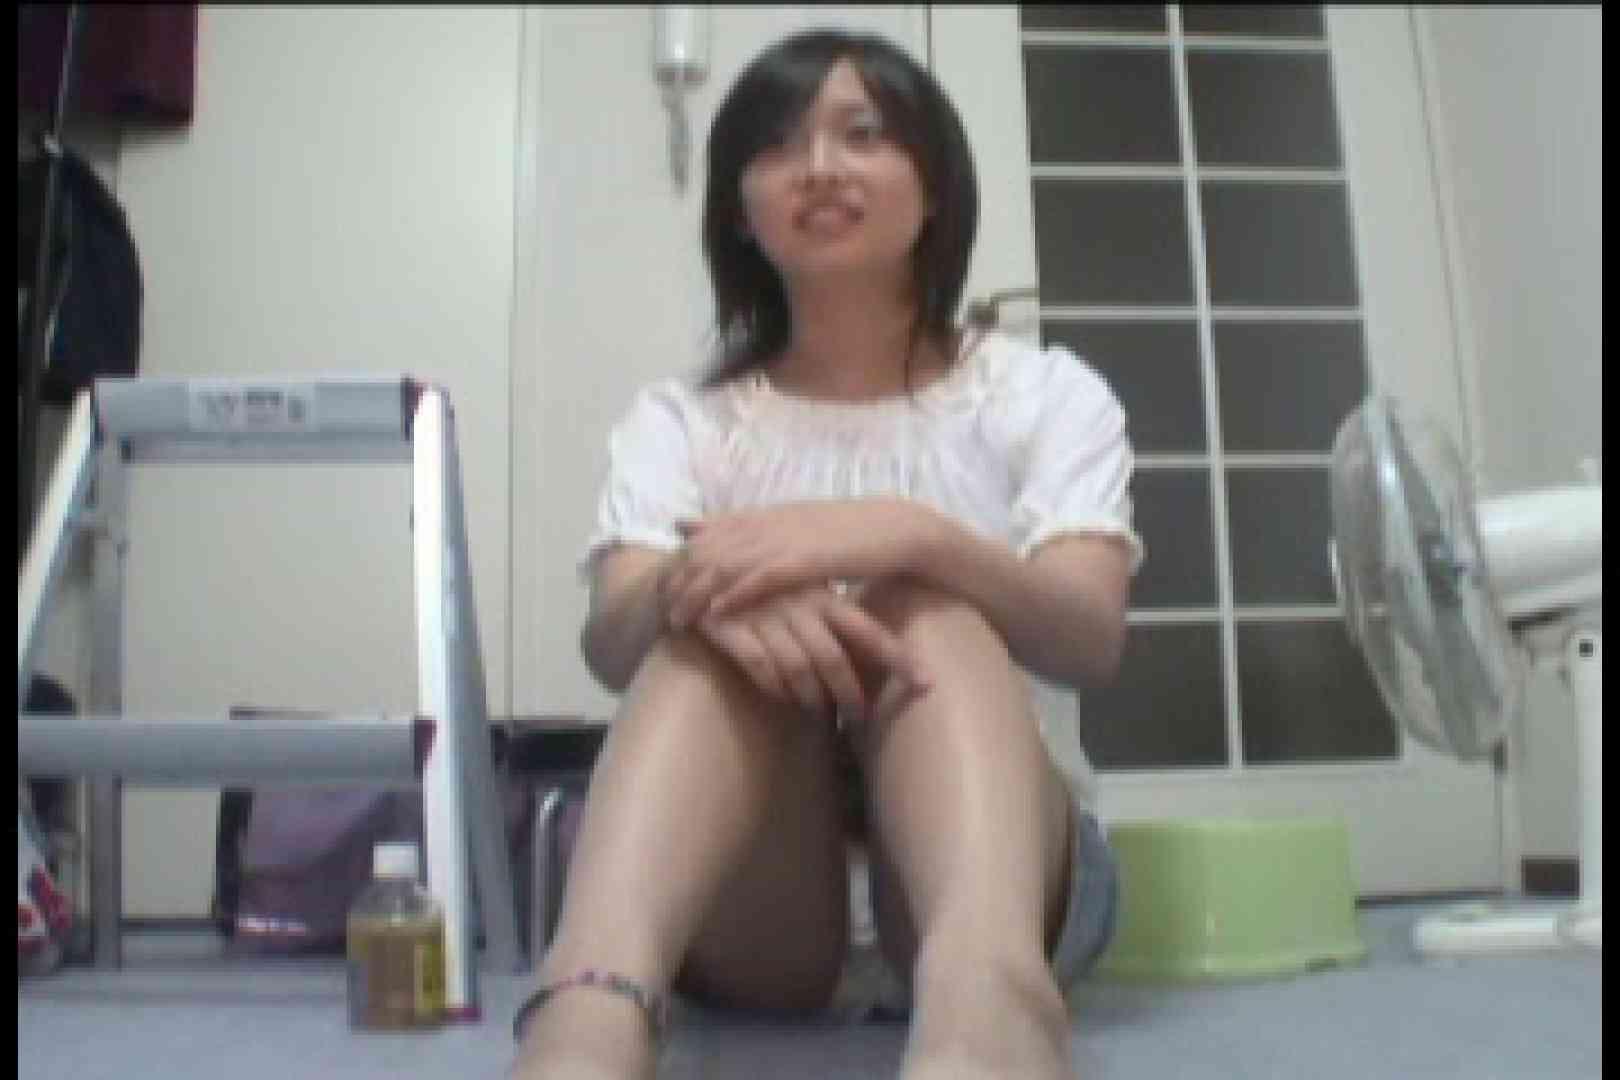 パンツ売りの女の子 むみちゃんvol.1 OL  112pic 52